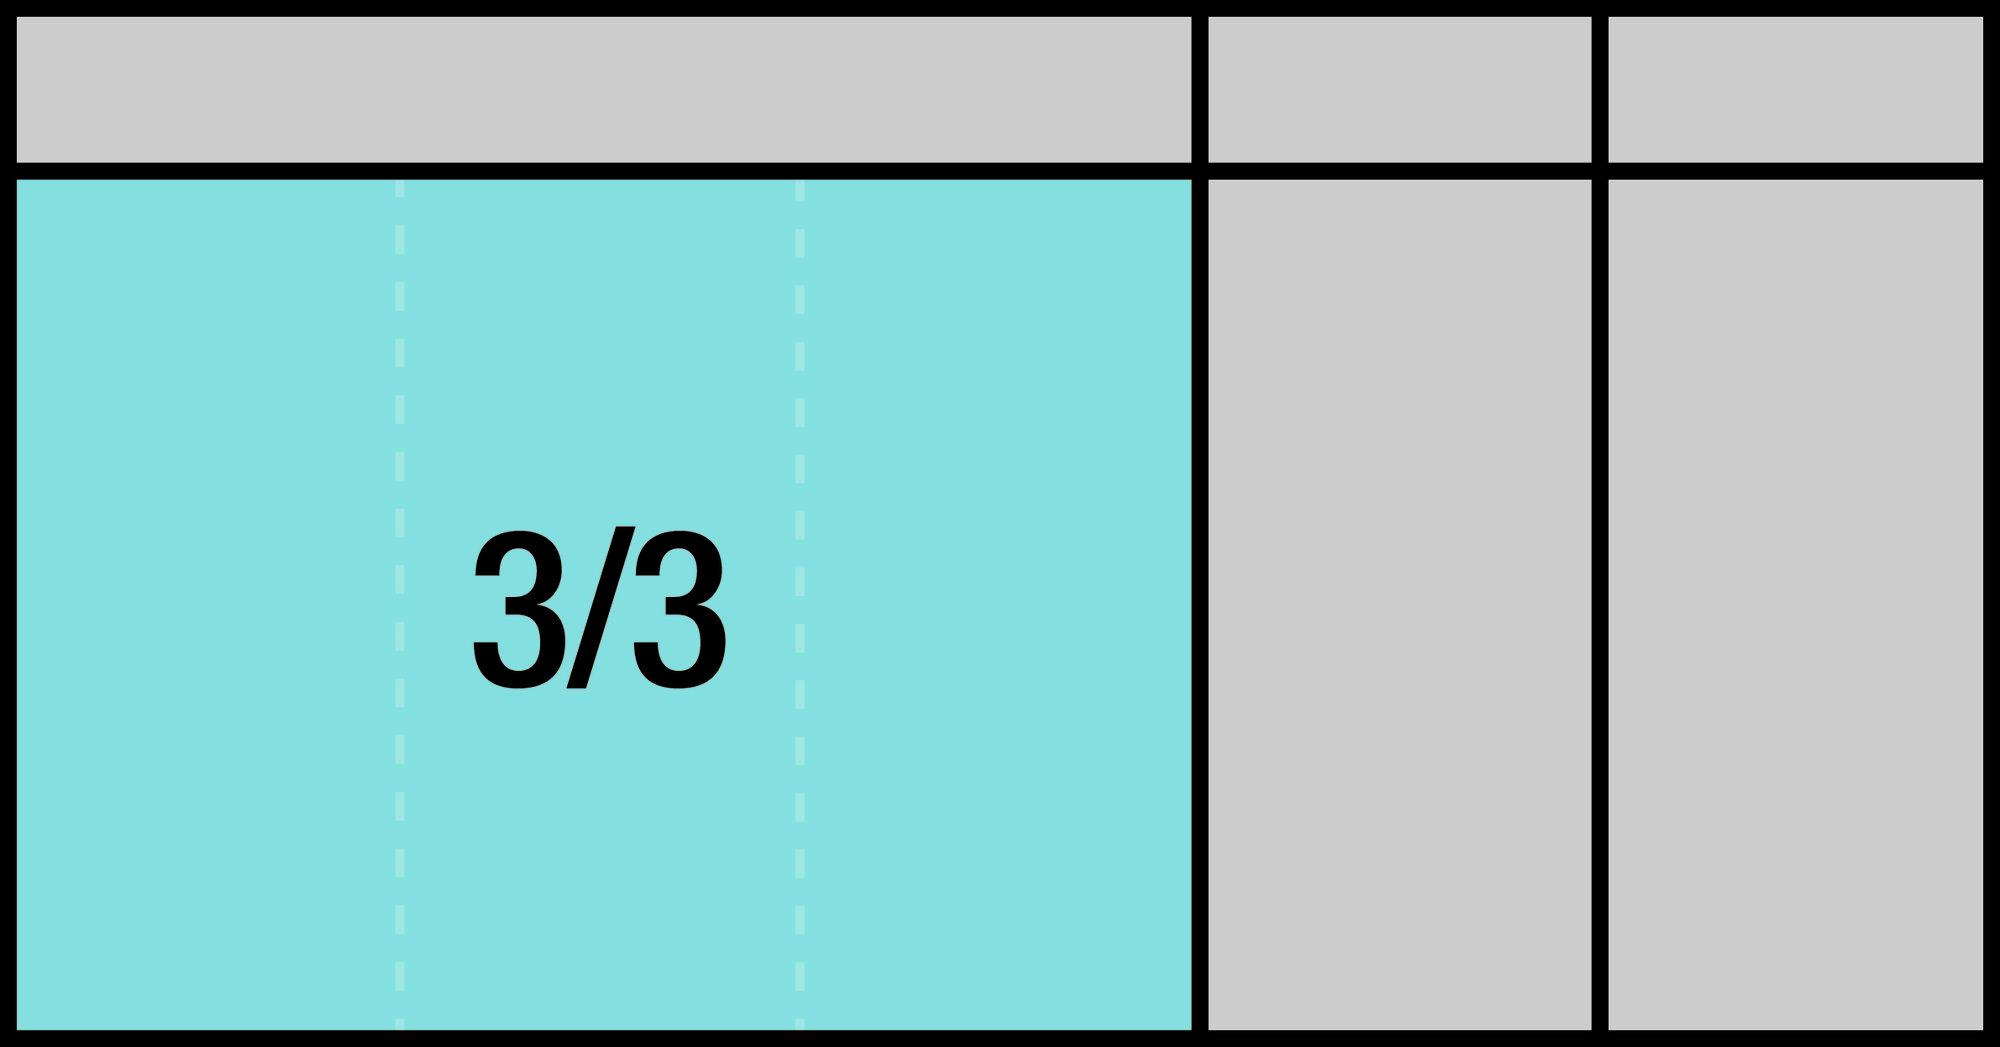 HAZET Werkzeug Satz ∙ Doppel-Ringschlüssel ∙ Zangen 163-59/12 ∙ Außen-Doppel-Sechskant Profil ∙ Anzahl Werkzeuge: 12